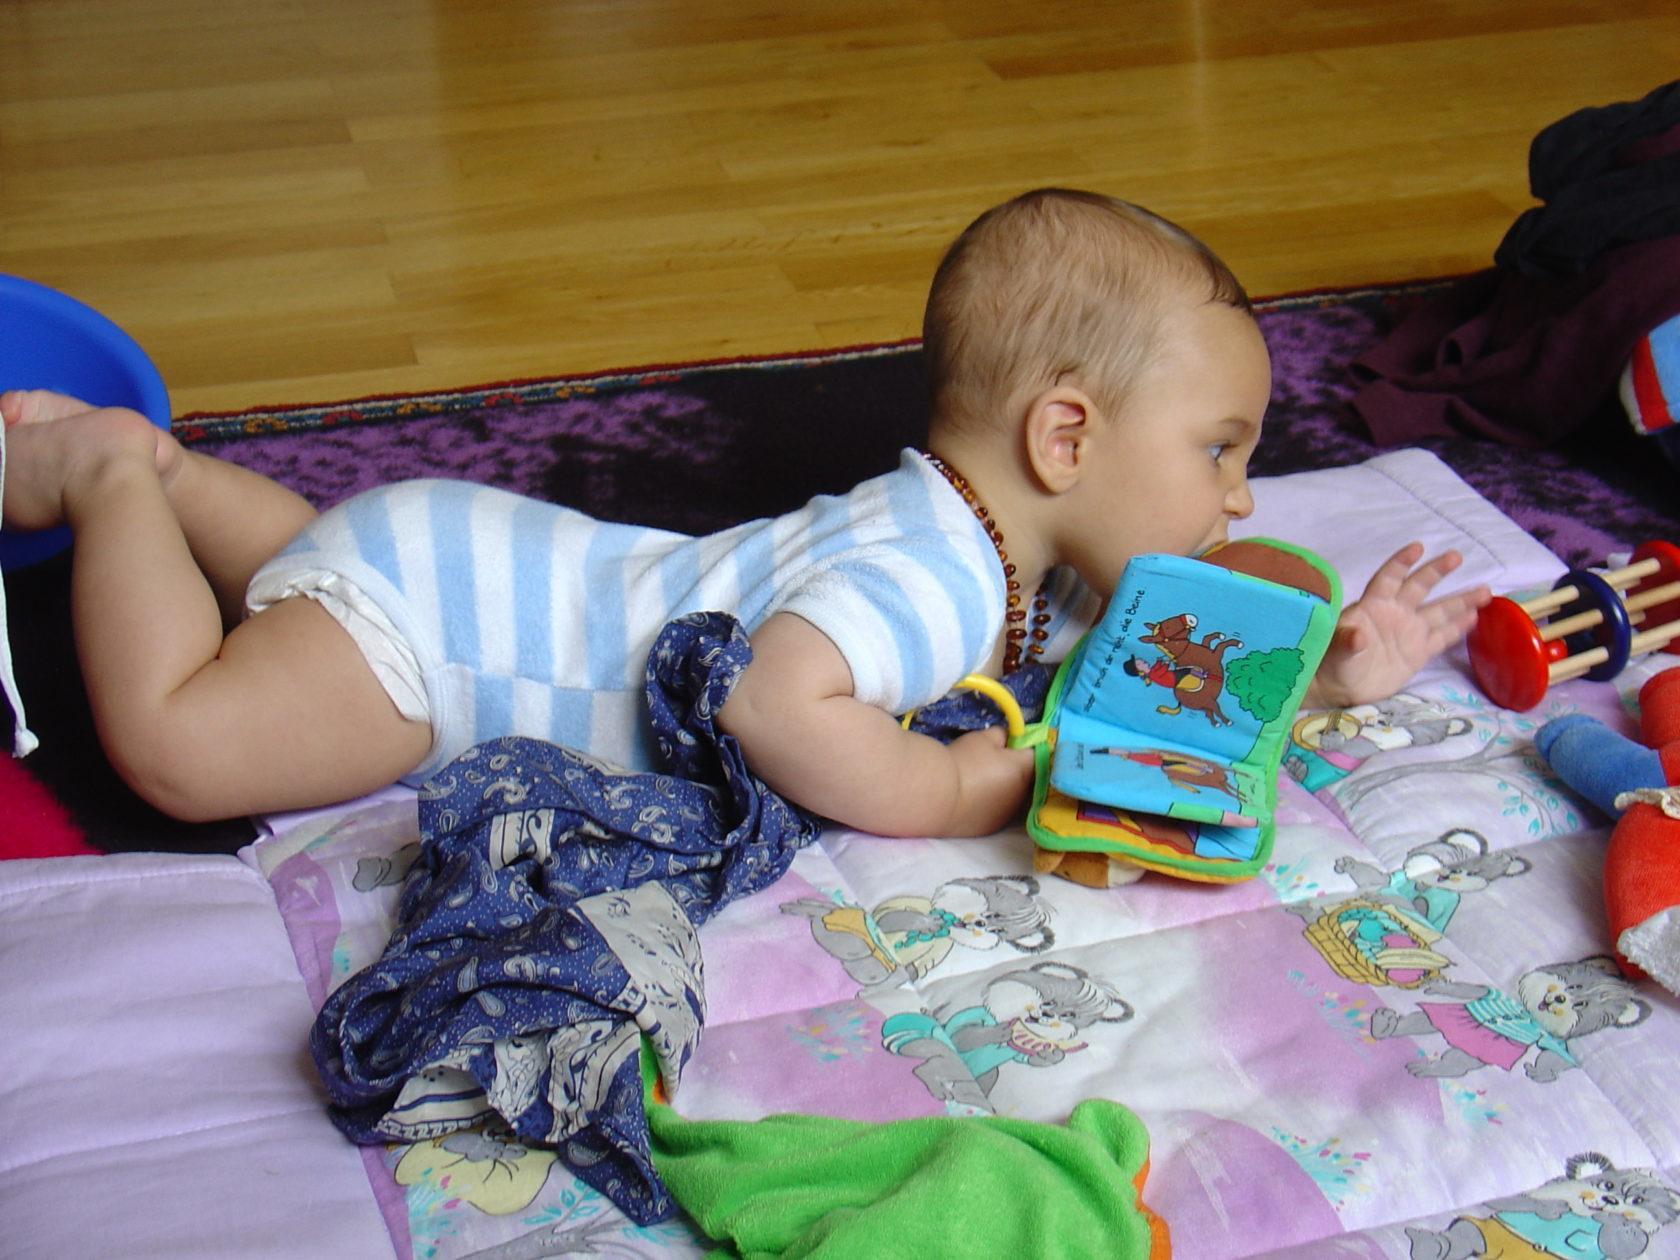 Erste Fortbewegung am Boden, weil ich mich nach Spielsachen strecke.